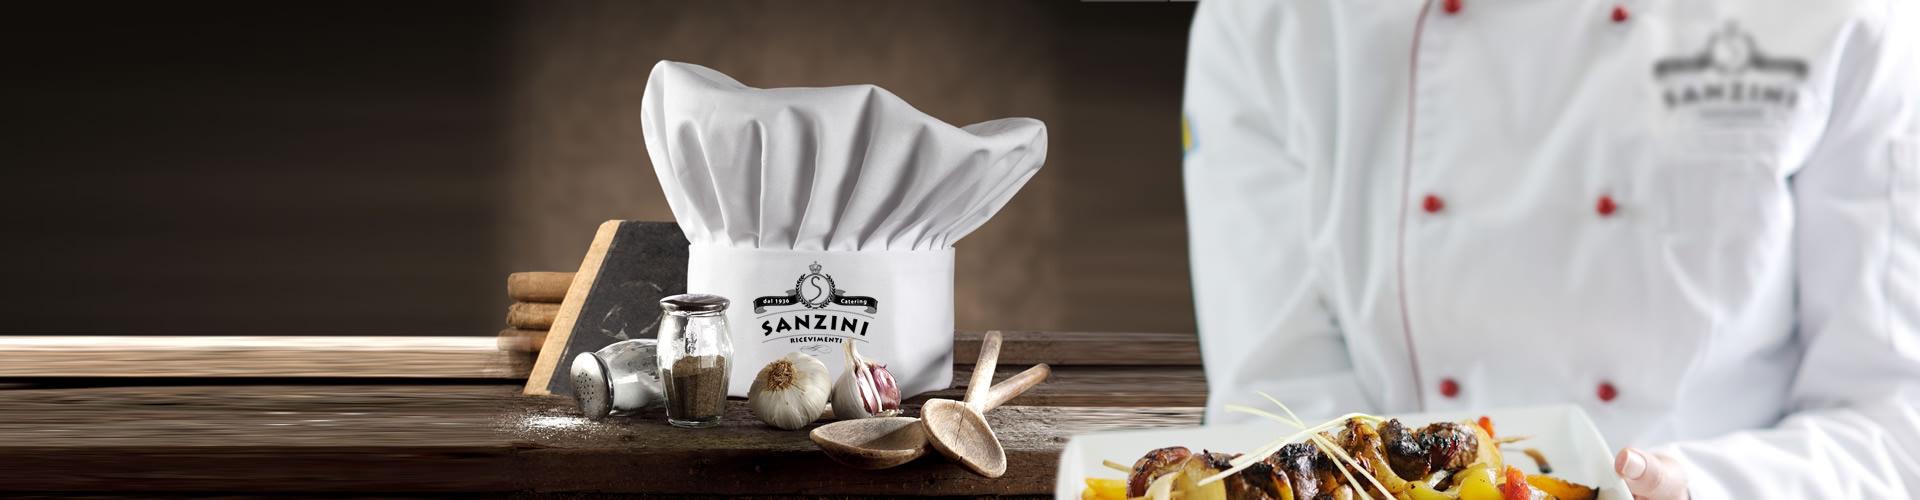 Sanzini